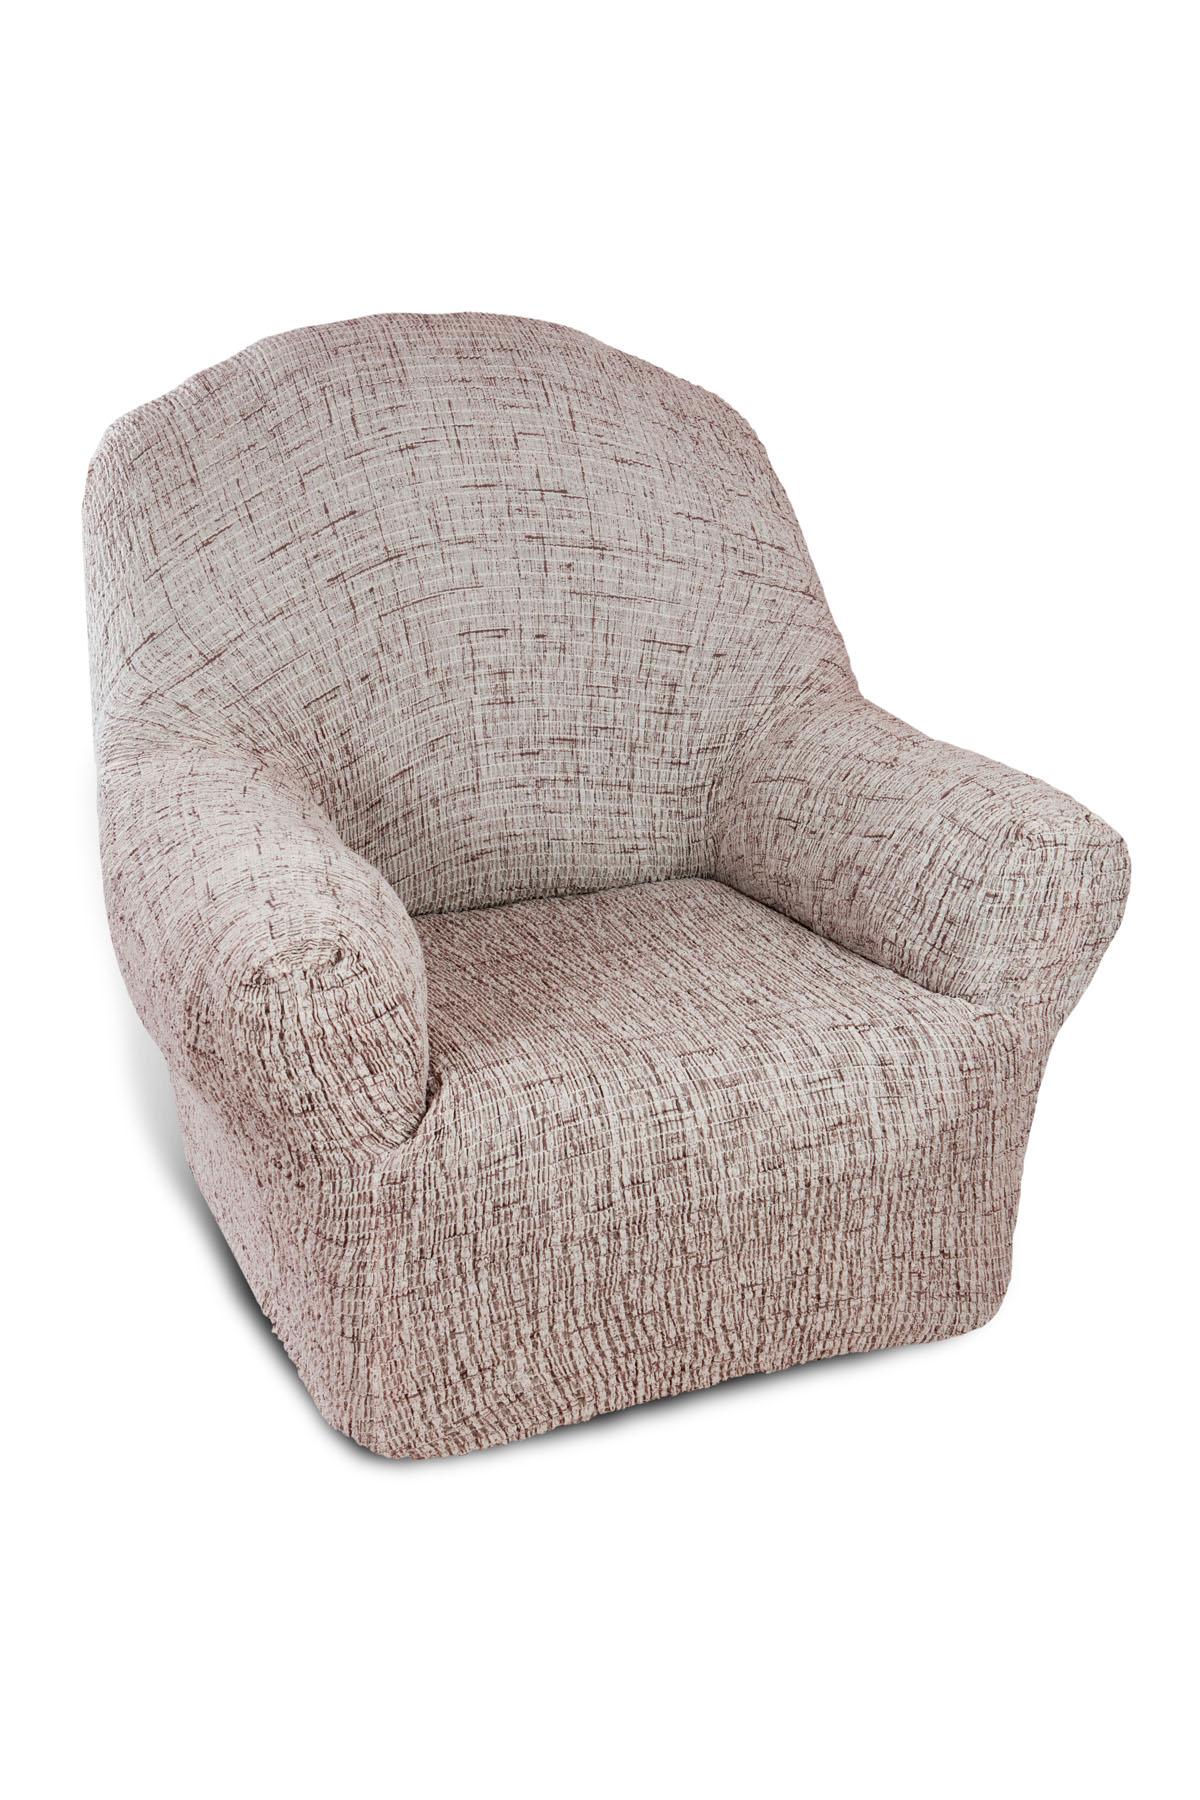 Чехол на кресло Еврочехол «Плиссе», цвет: светло-бежевый, коричневый, 60-90 см  комод лель с пеленальным столом